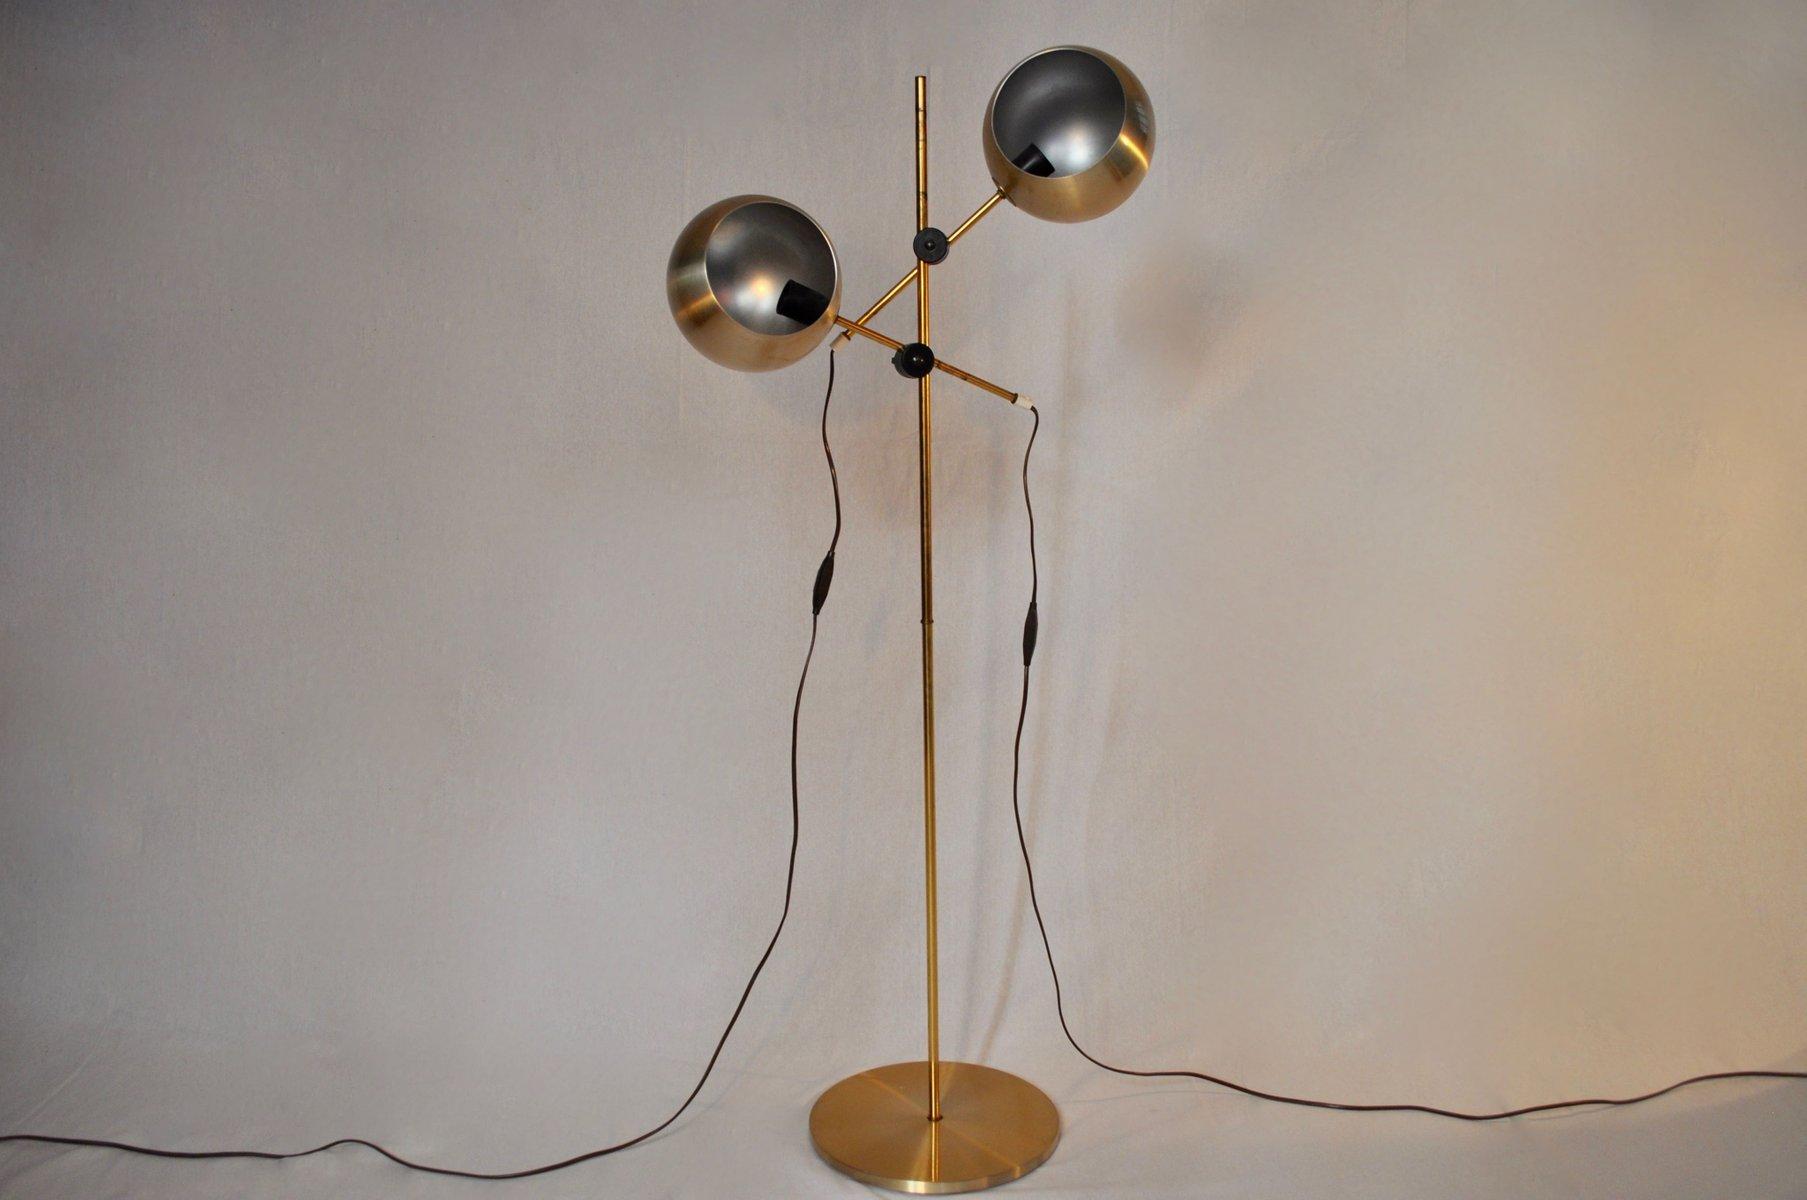 Messing Stehlampe mit zwei Leuchten von Hemi, 1950er